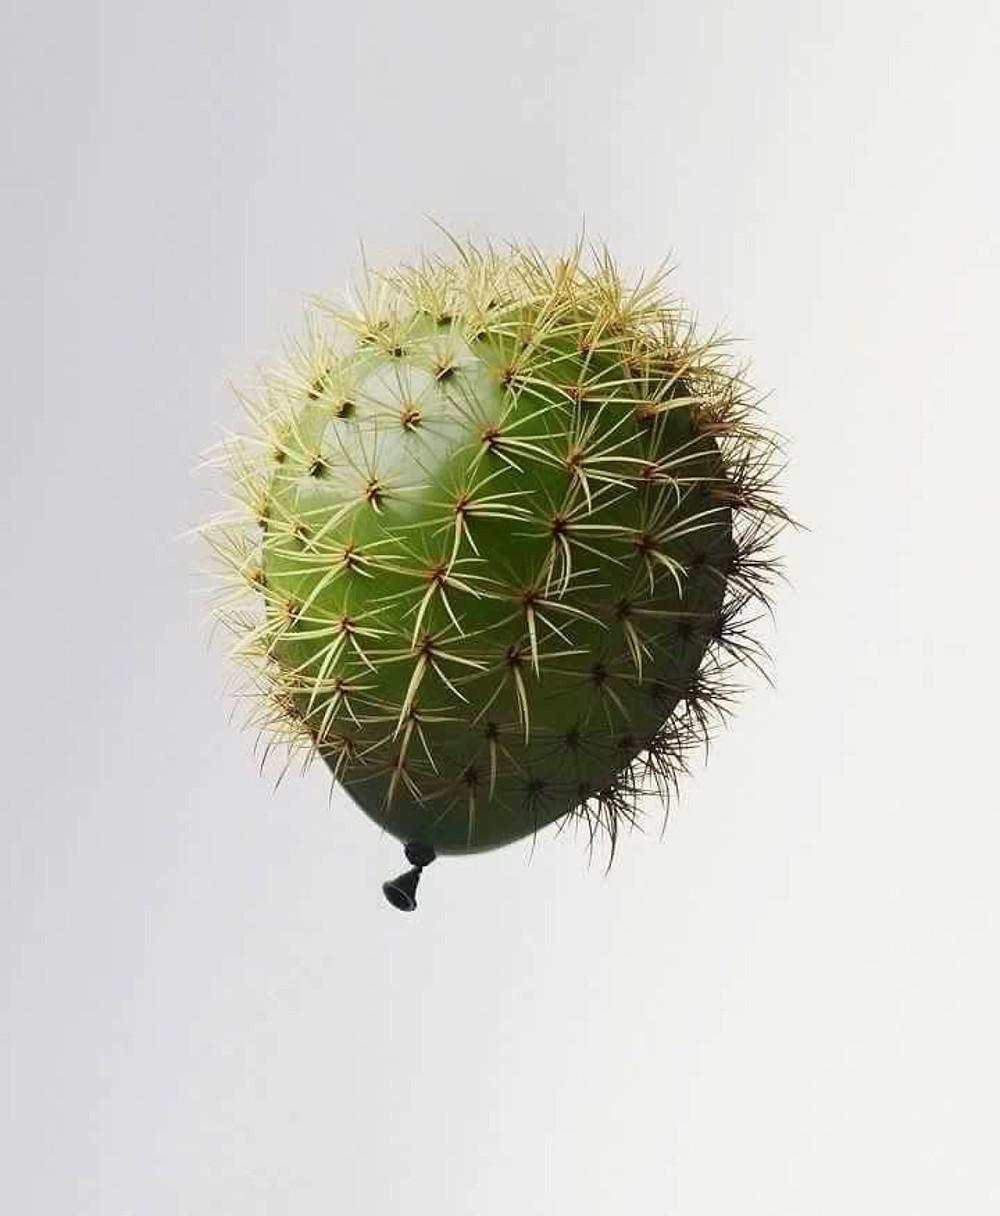 prickly balloon